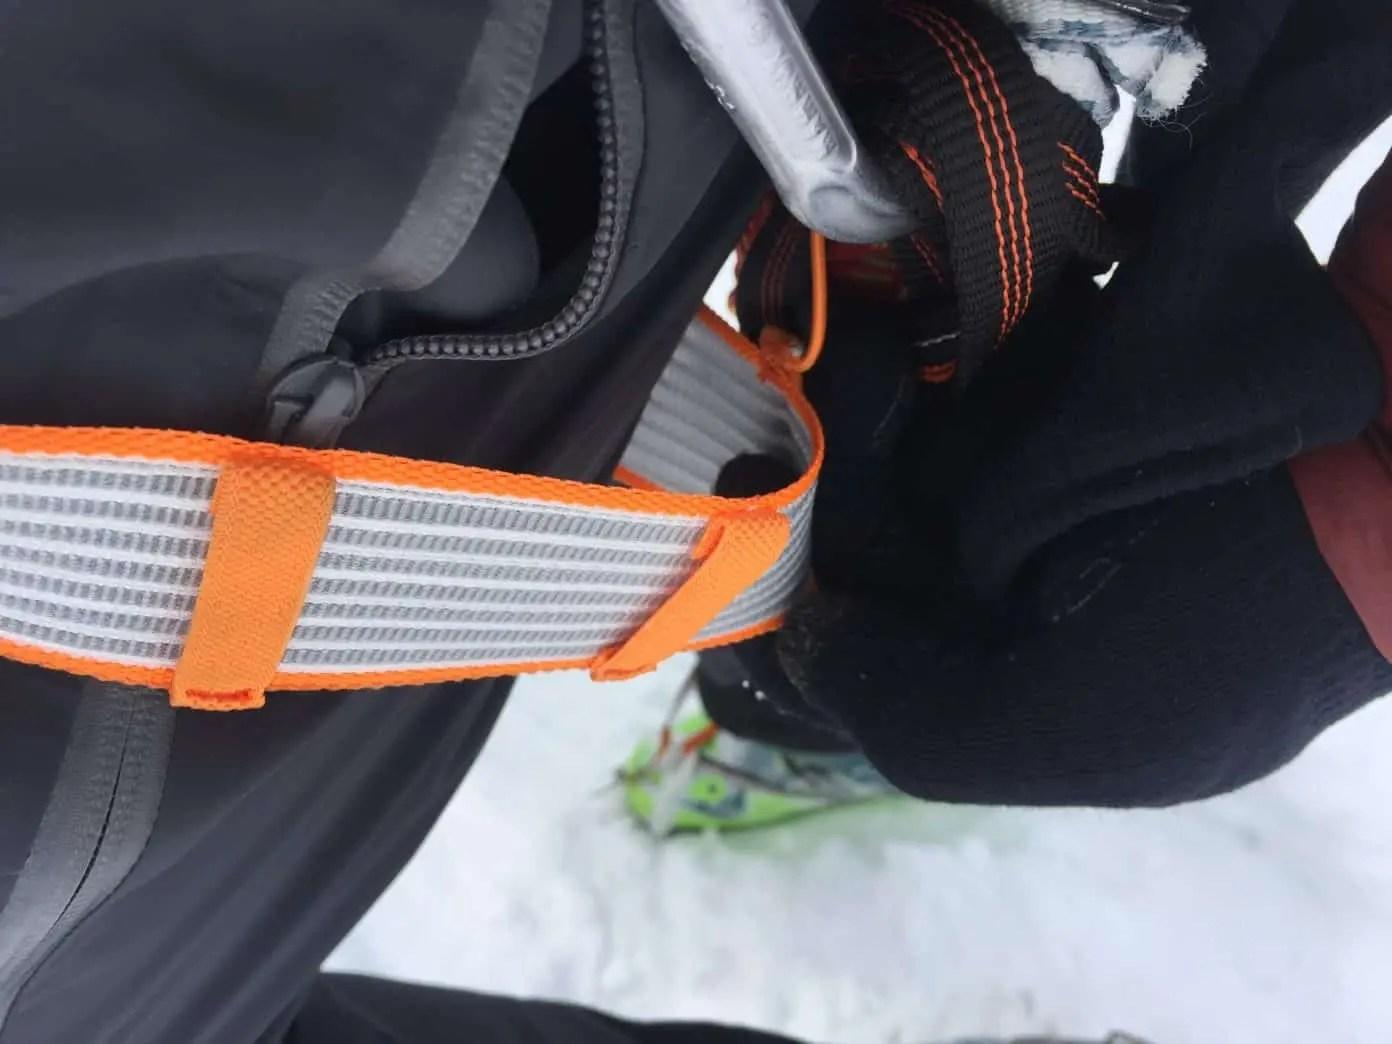 Petzl Klettergurt Altitude : Test petzl altitude ich liebe berge